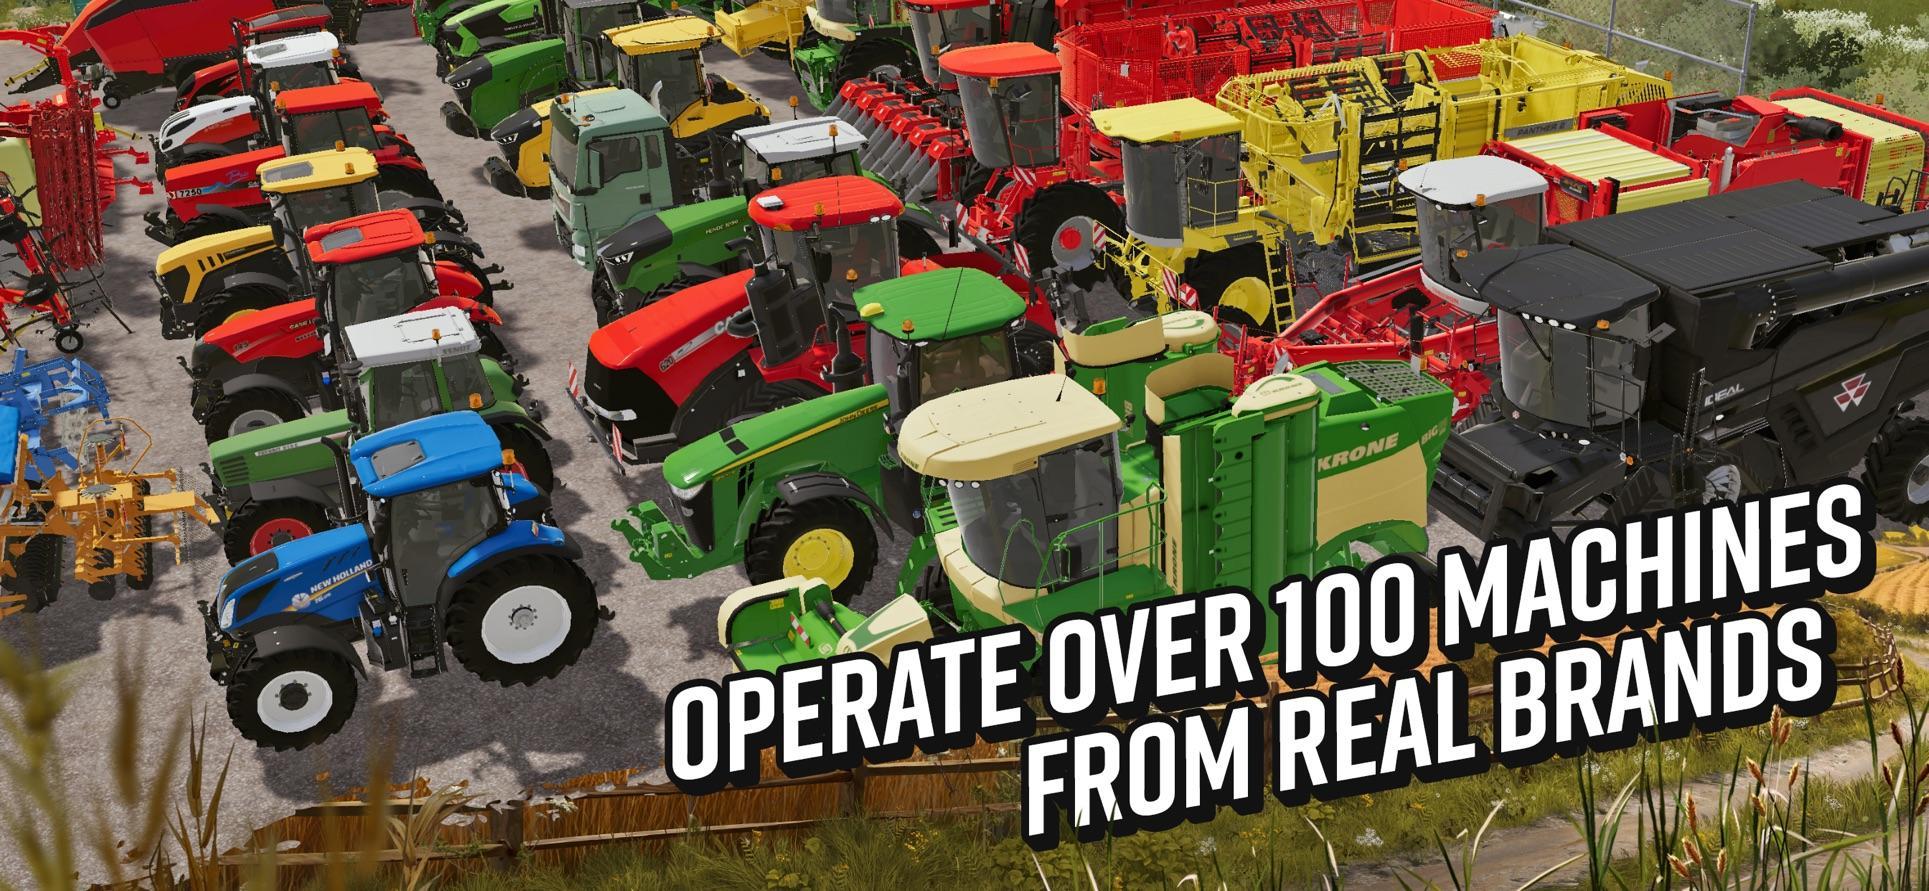 还是种田有意思 《模拟农场 20》手机版即将登场